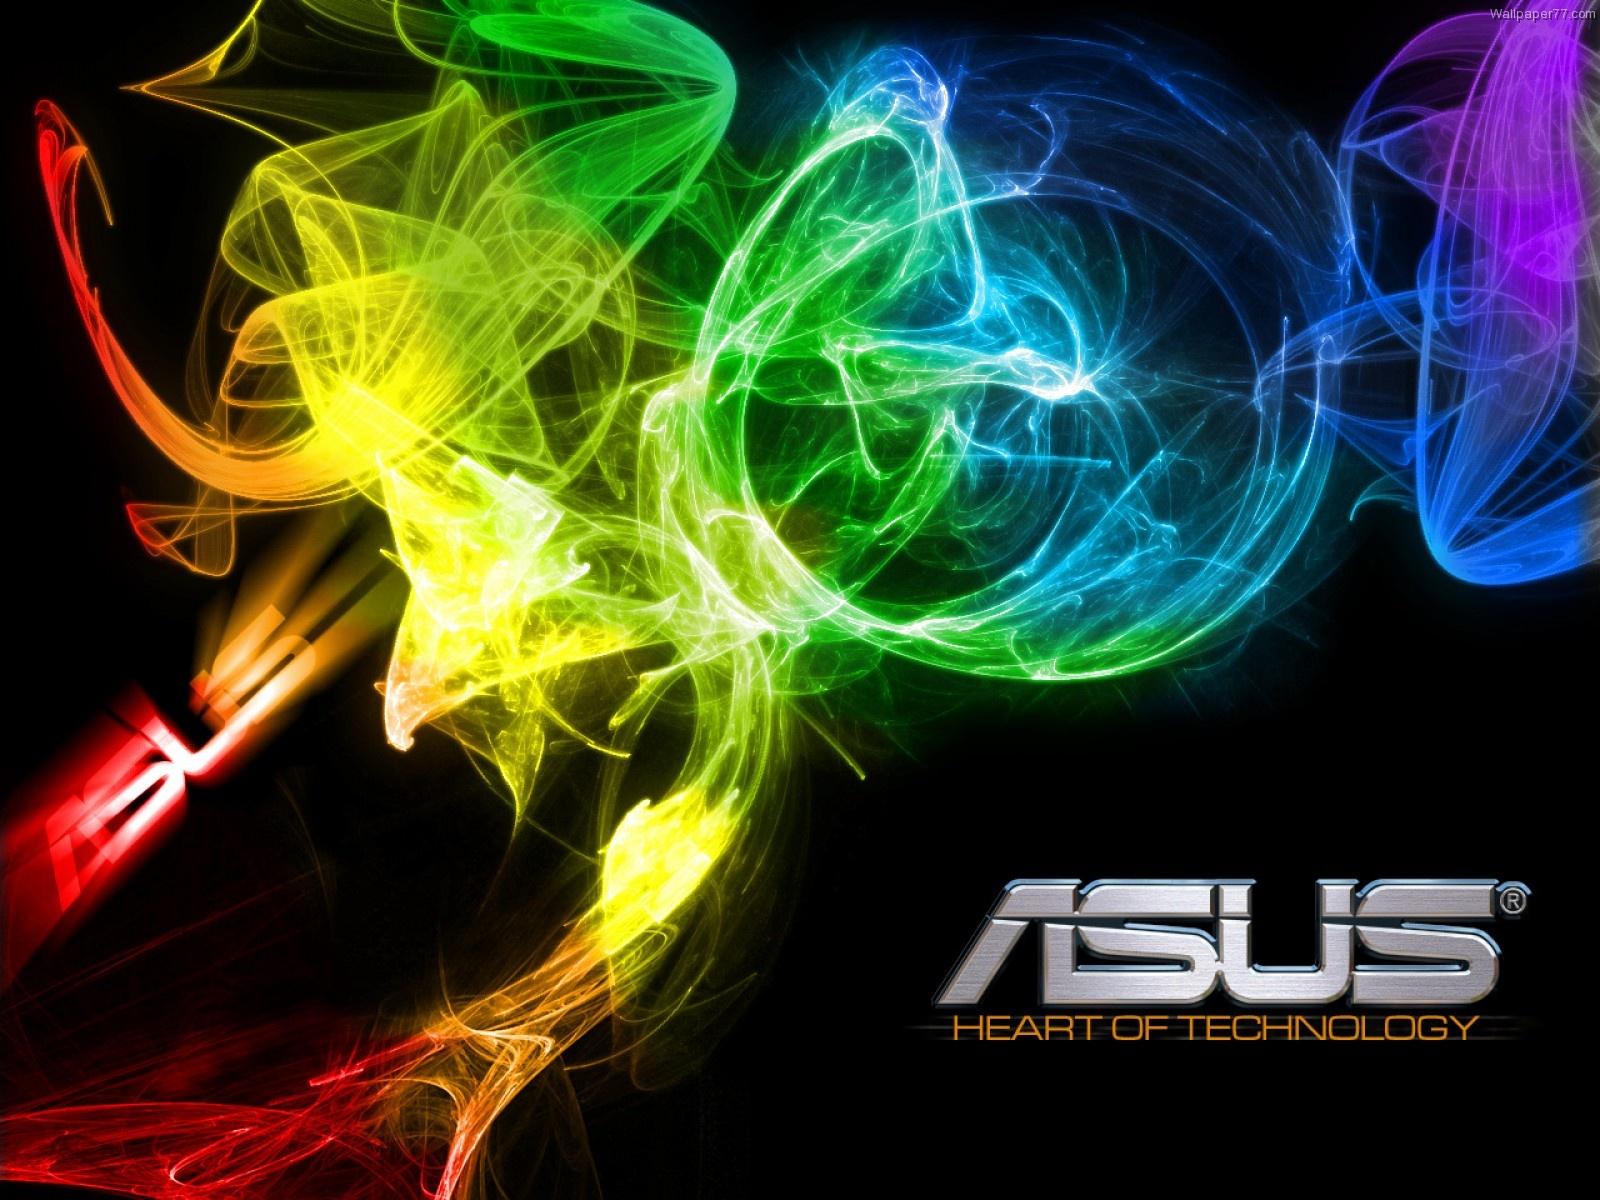 壁紙 Asusの抽象的な背景 1600x1200 Hd 無料のデスクトップの背景 画像